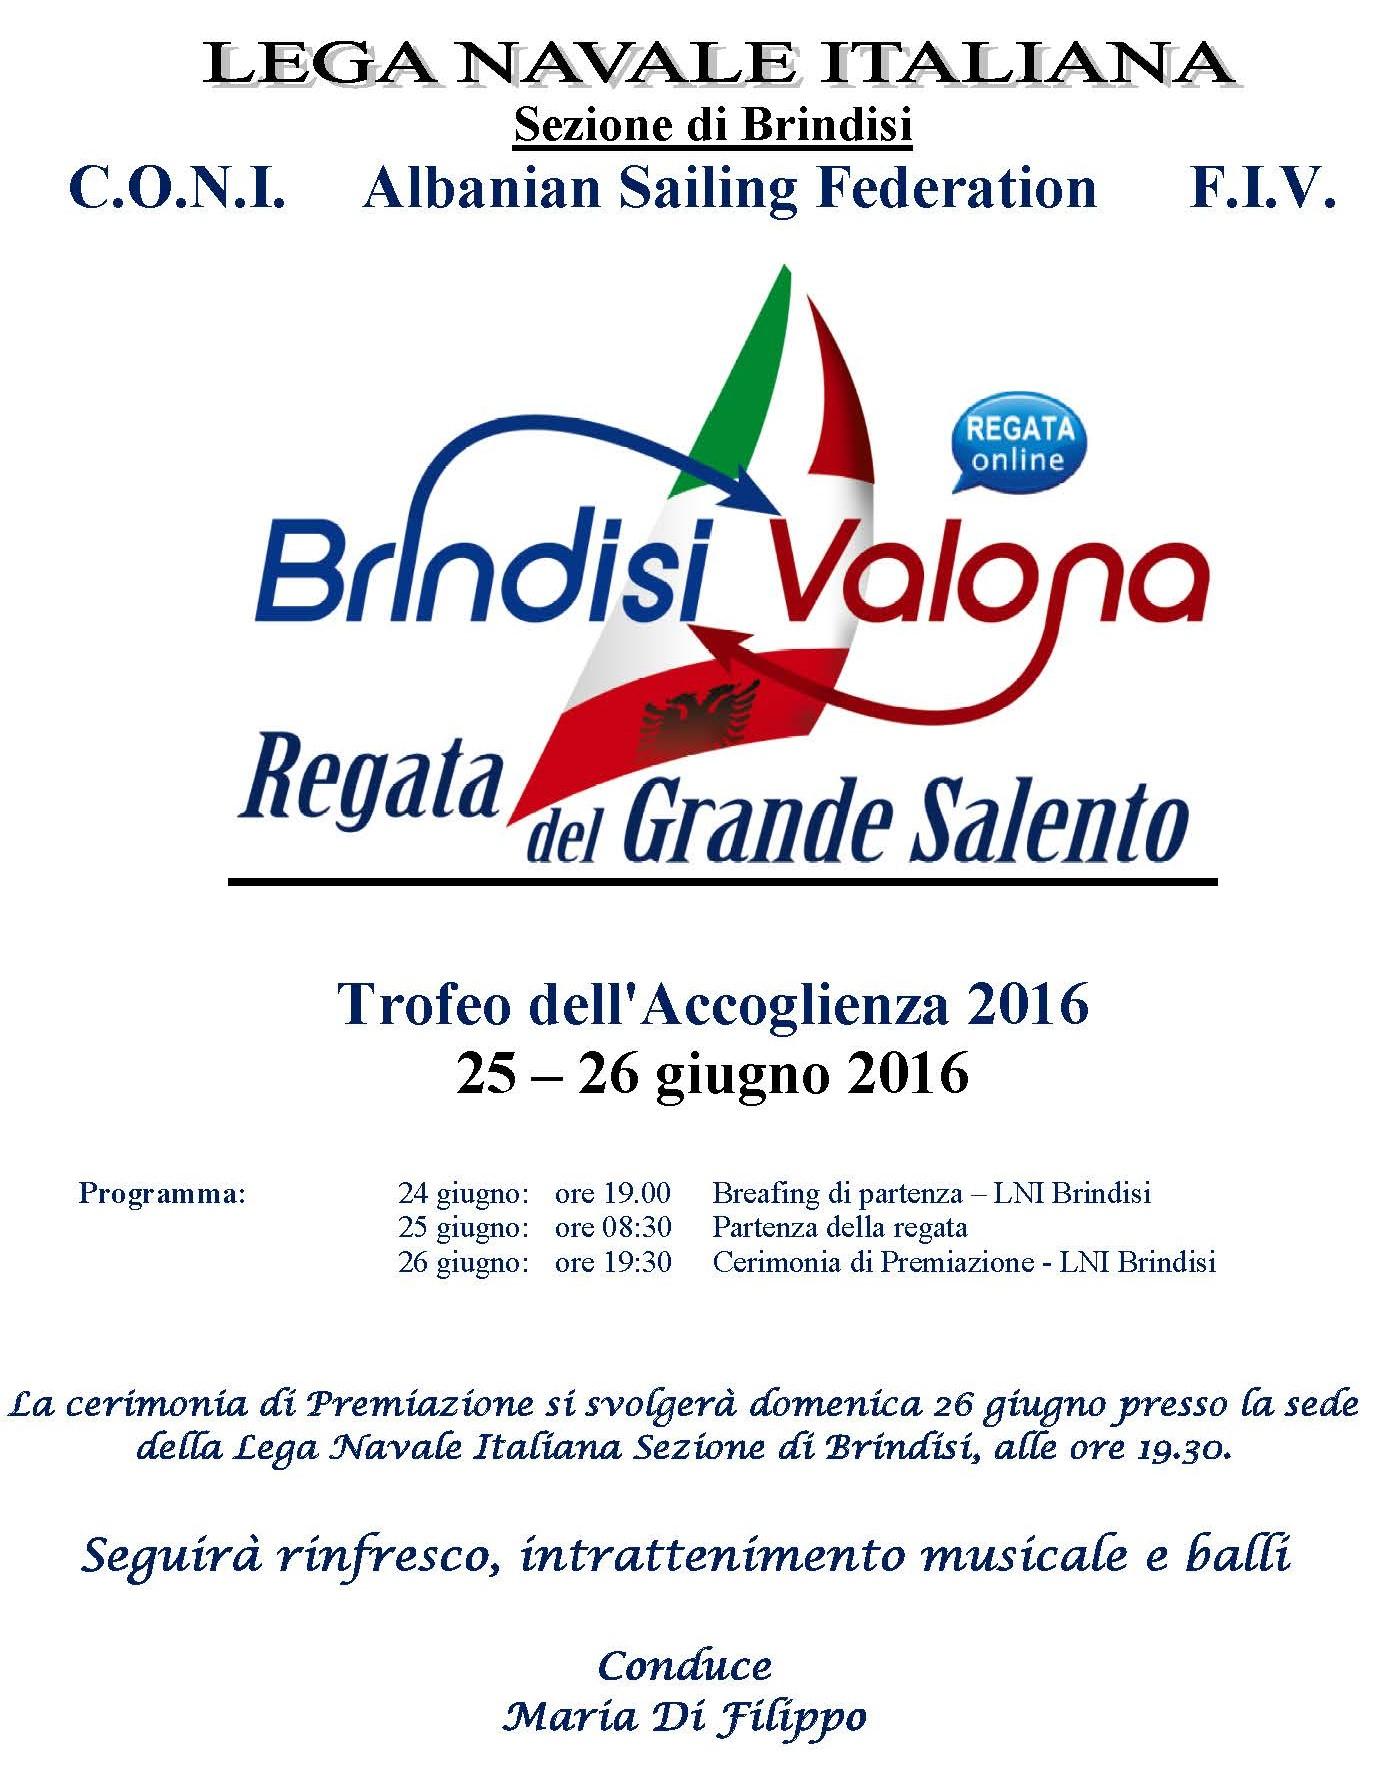 locandina_brindisi valona 2016